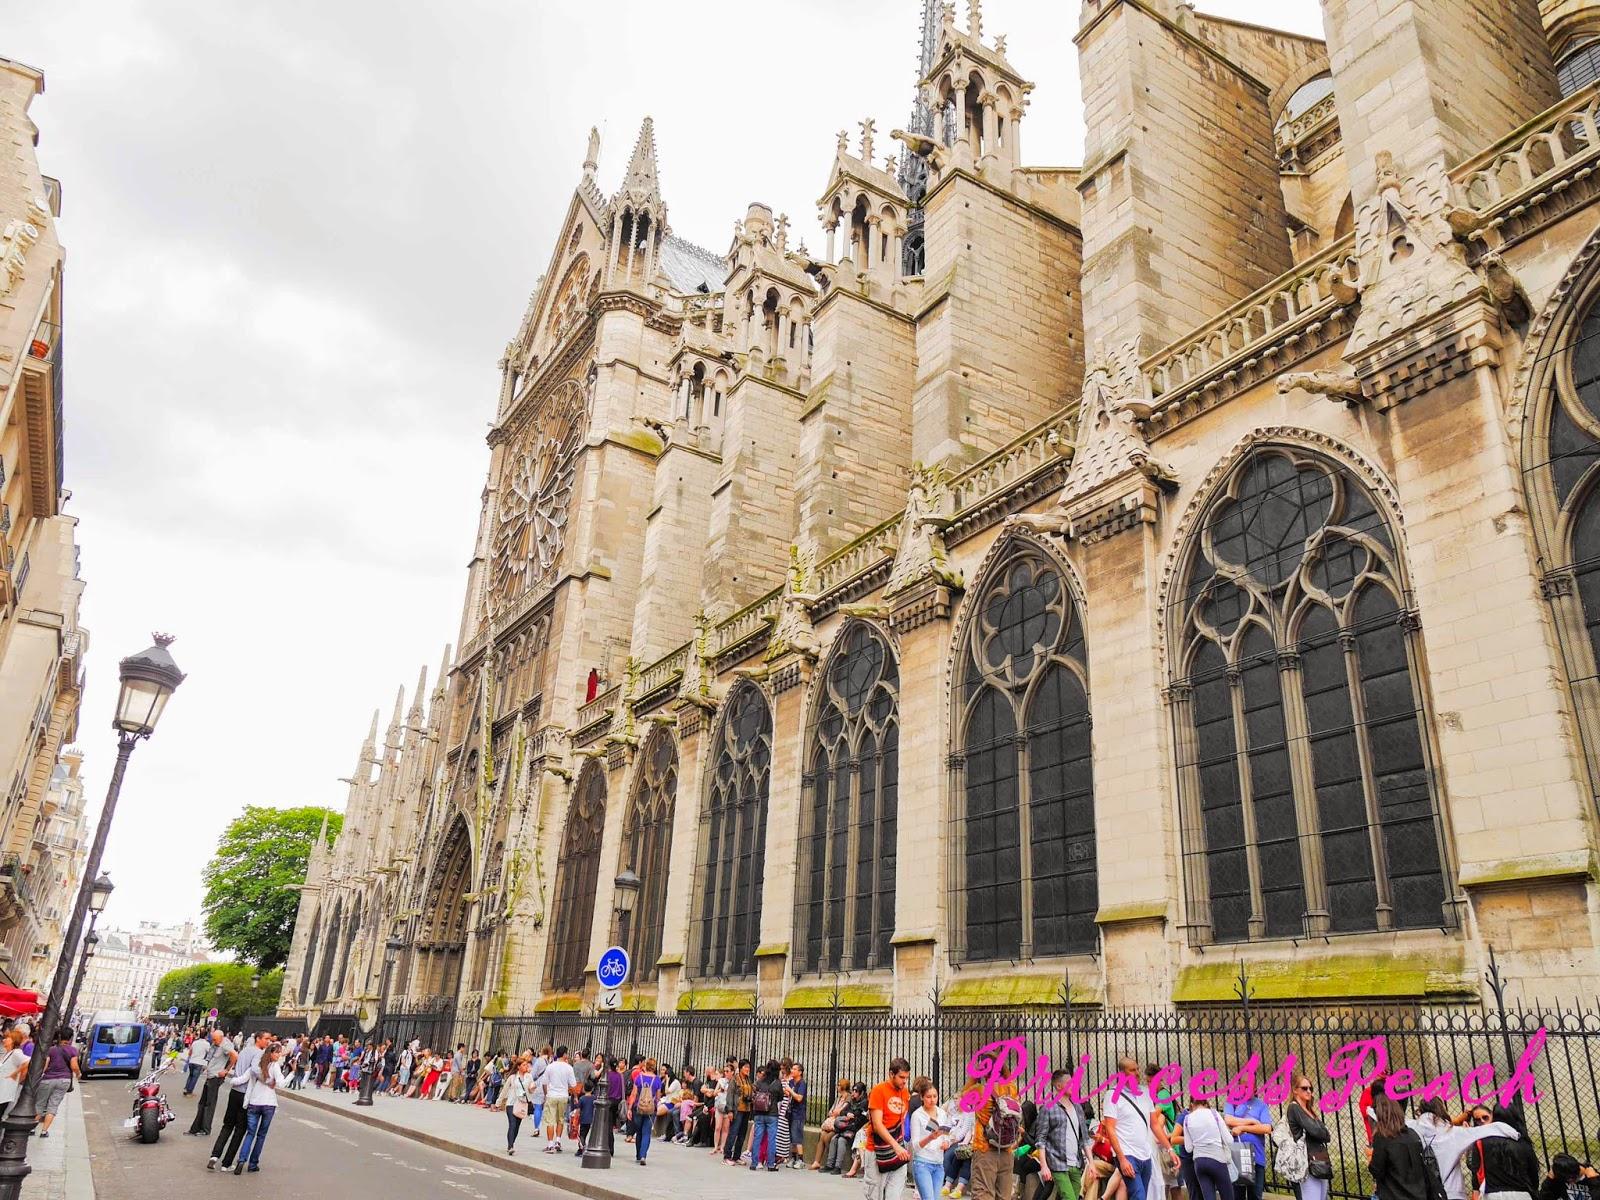 巴黎聖母院排隊人龍